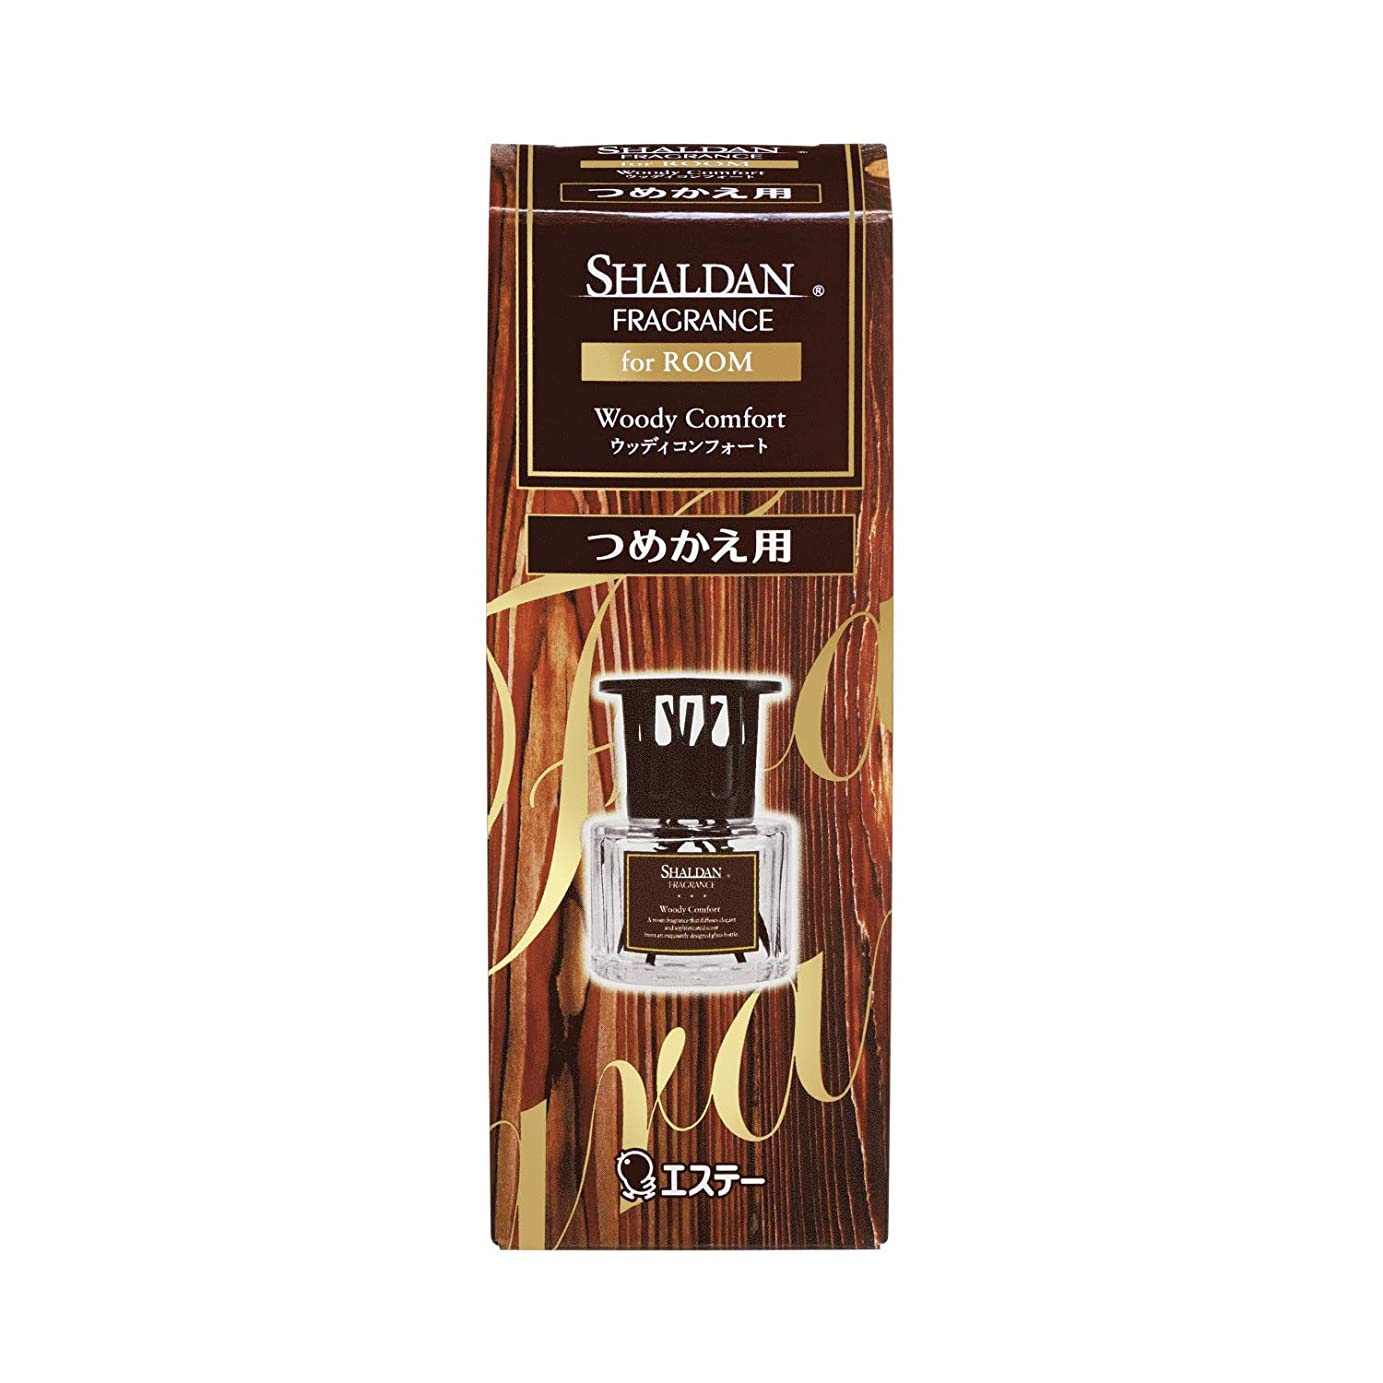 仕方走る日食シャルダン SHALDAN フレグランス for ROOM 芳香剤 部屋用 つめかえ ウッディコンフォート 65mL